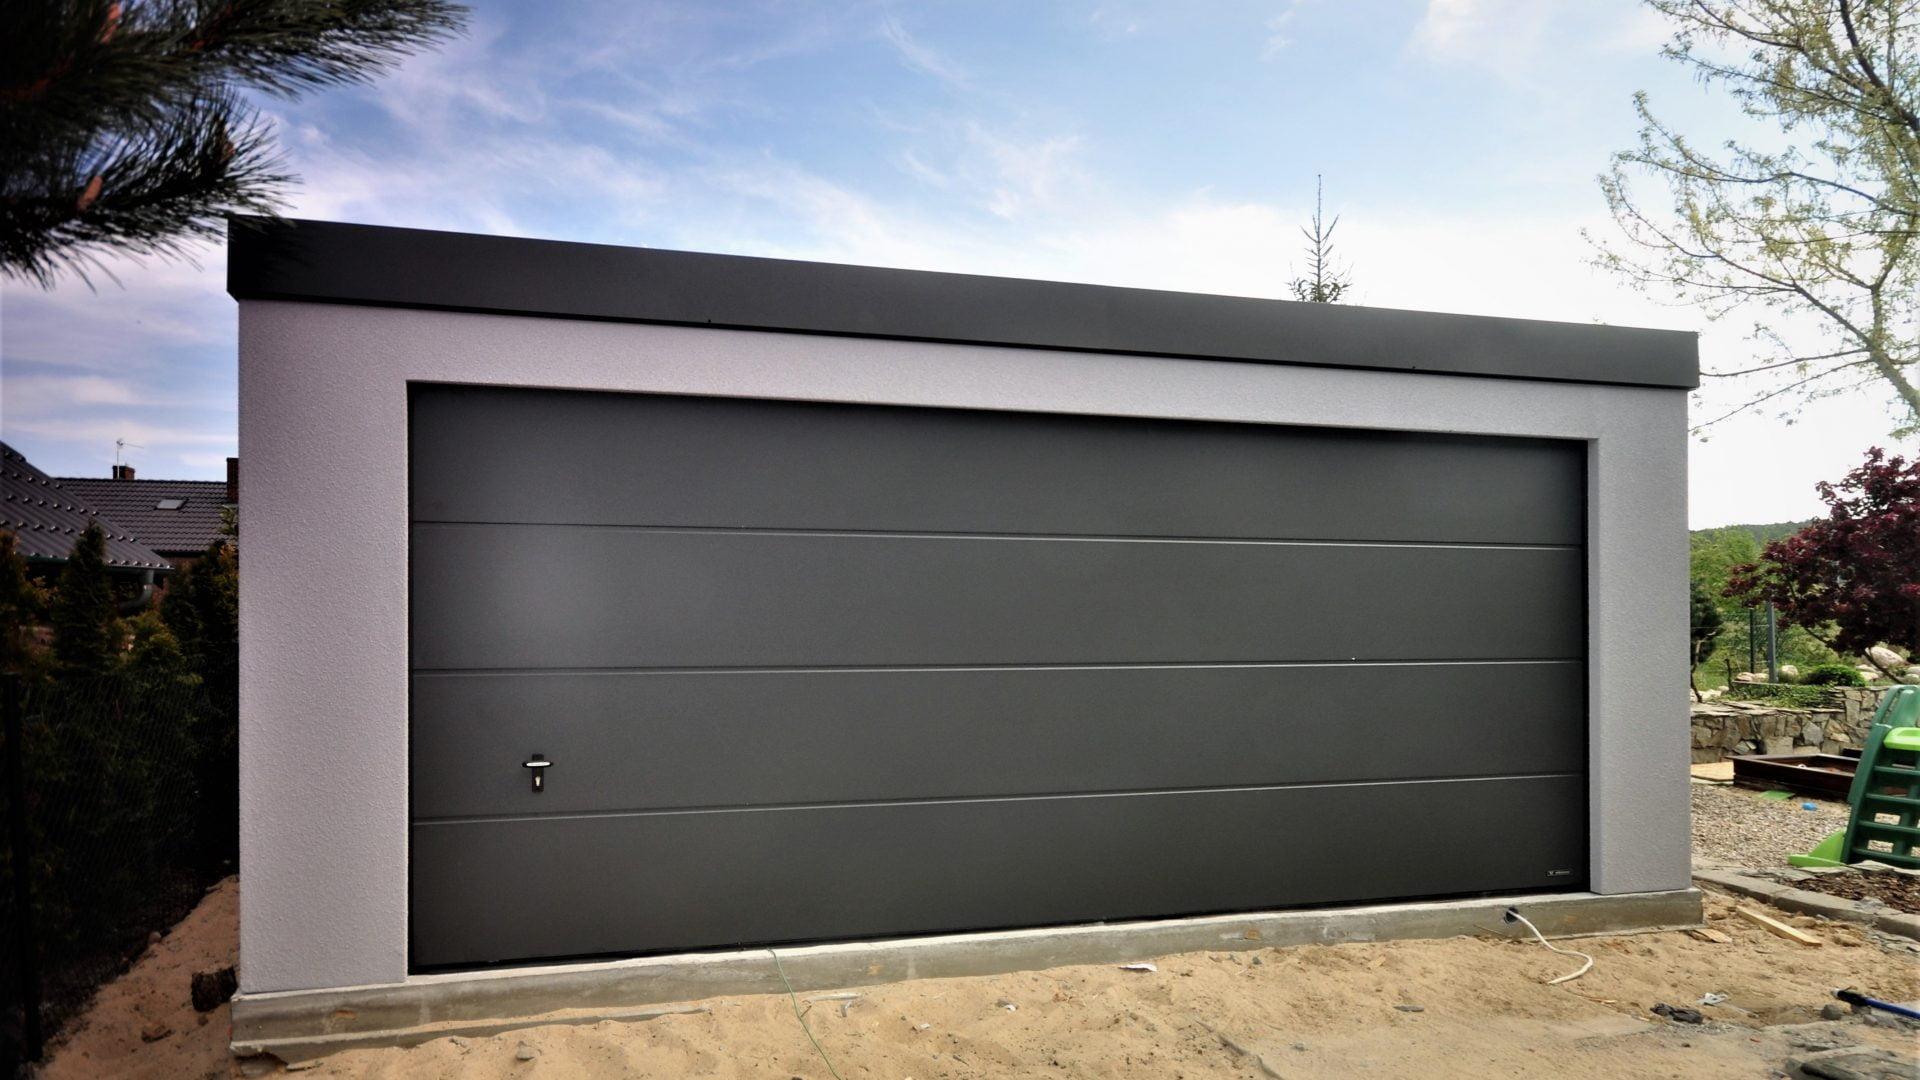 Garaż ocieplany Uno-Classic 6,0 x 5,7 m